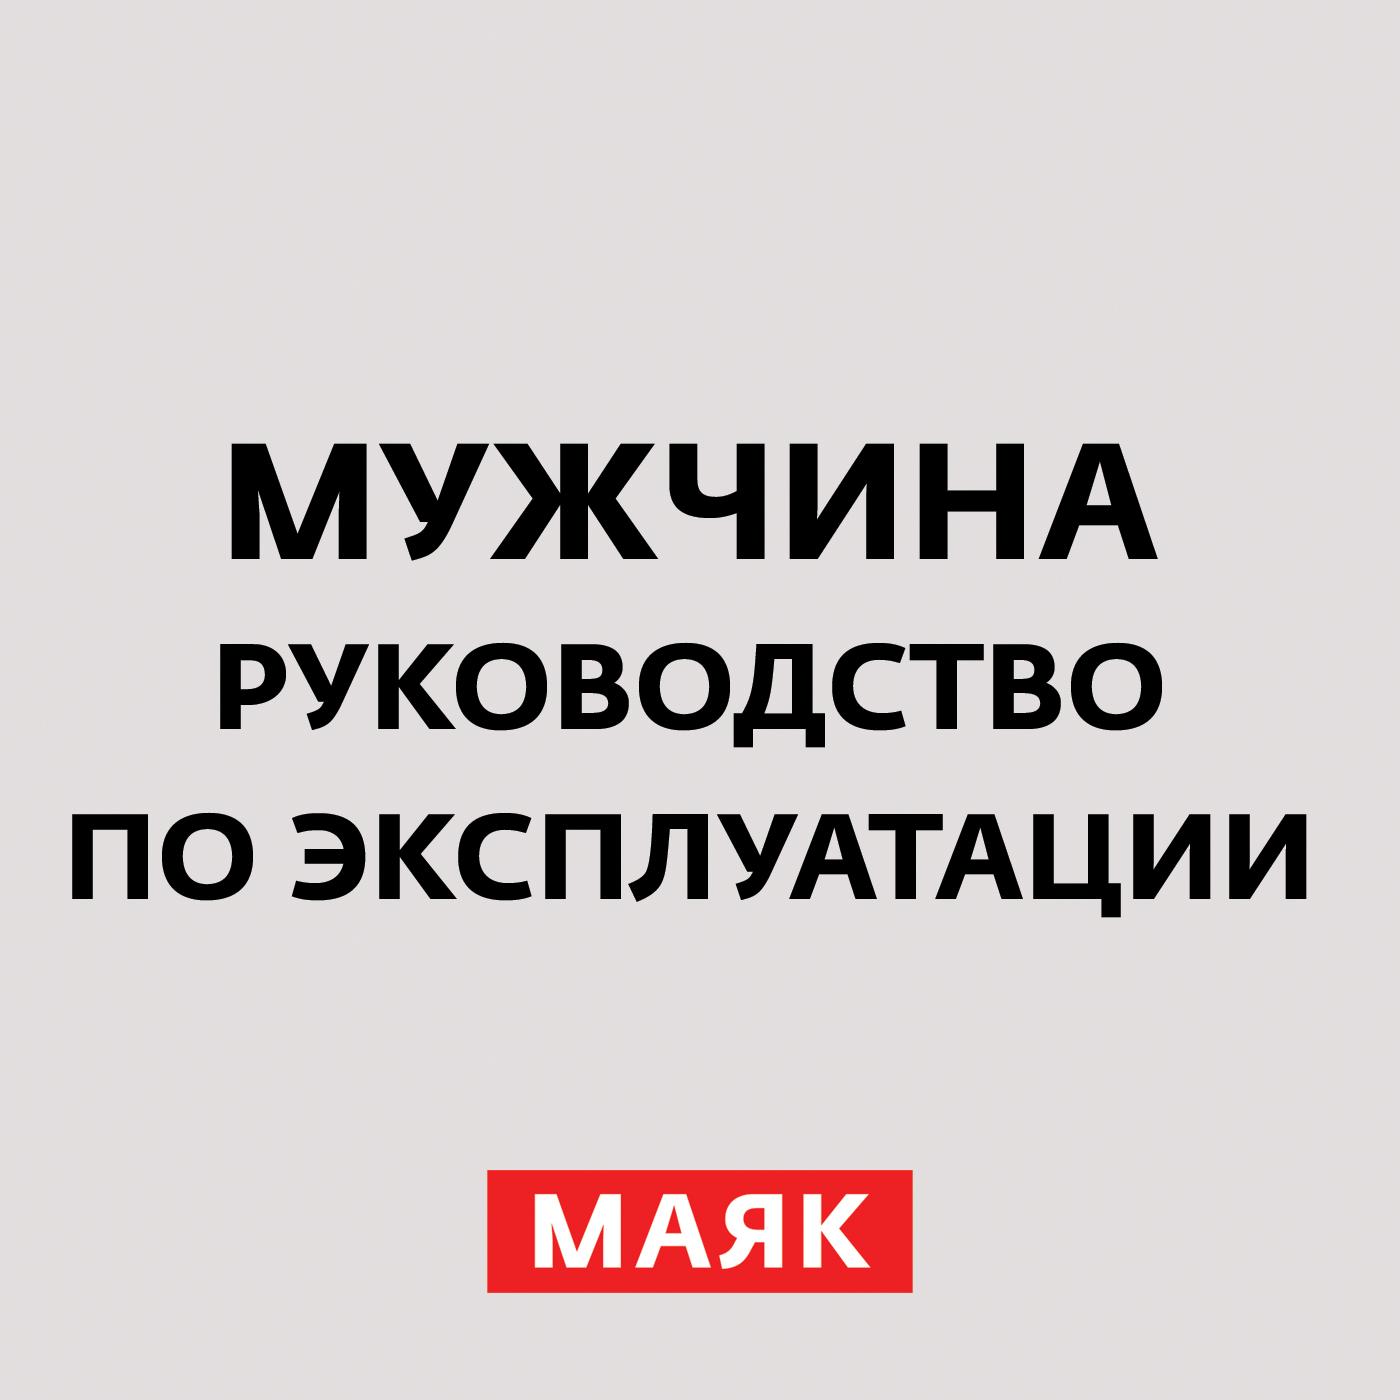 Творческий коллектив шоу «Сергей Стиллавин и его друзья» Бабуля или Баба-яга сергей юрьевич власов взаимоотношения или почему мы одиноки